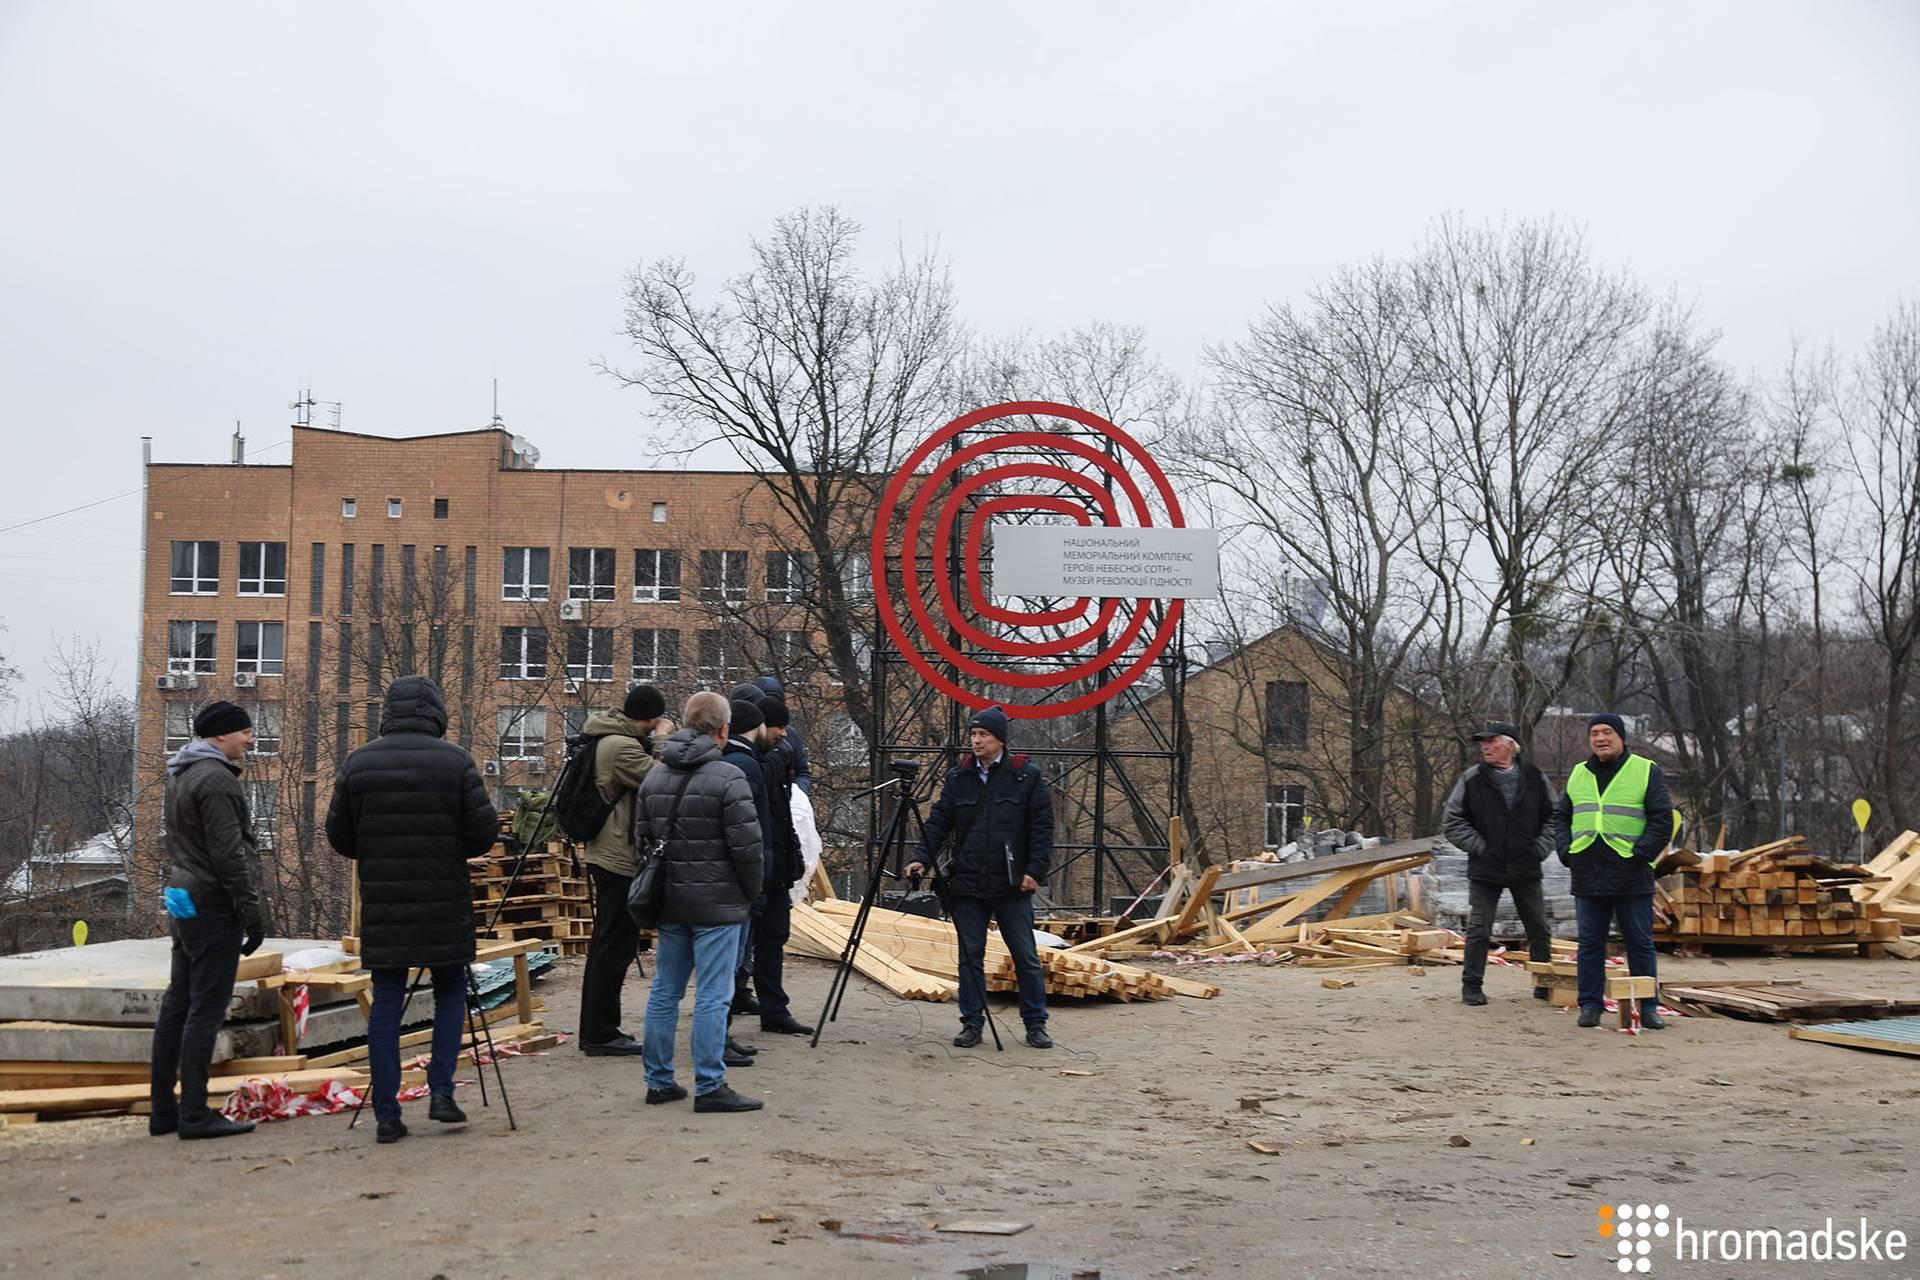 Представники Генпрокуратури провели слідчі експерименти на алеї Героїв Небесної сотні, де вже розпочалась підготовка до будівництва Меморіалу Небесної сотні, Київ, 19 березня 2019 року